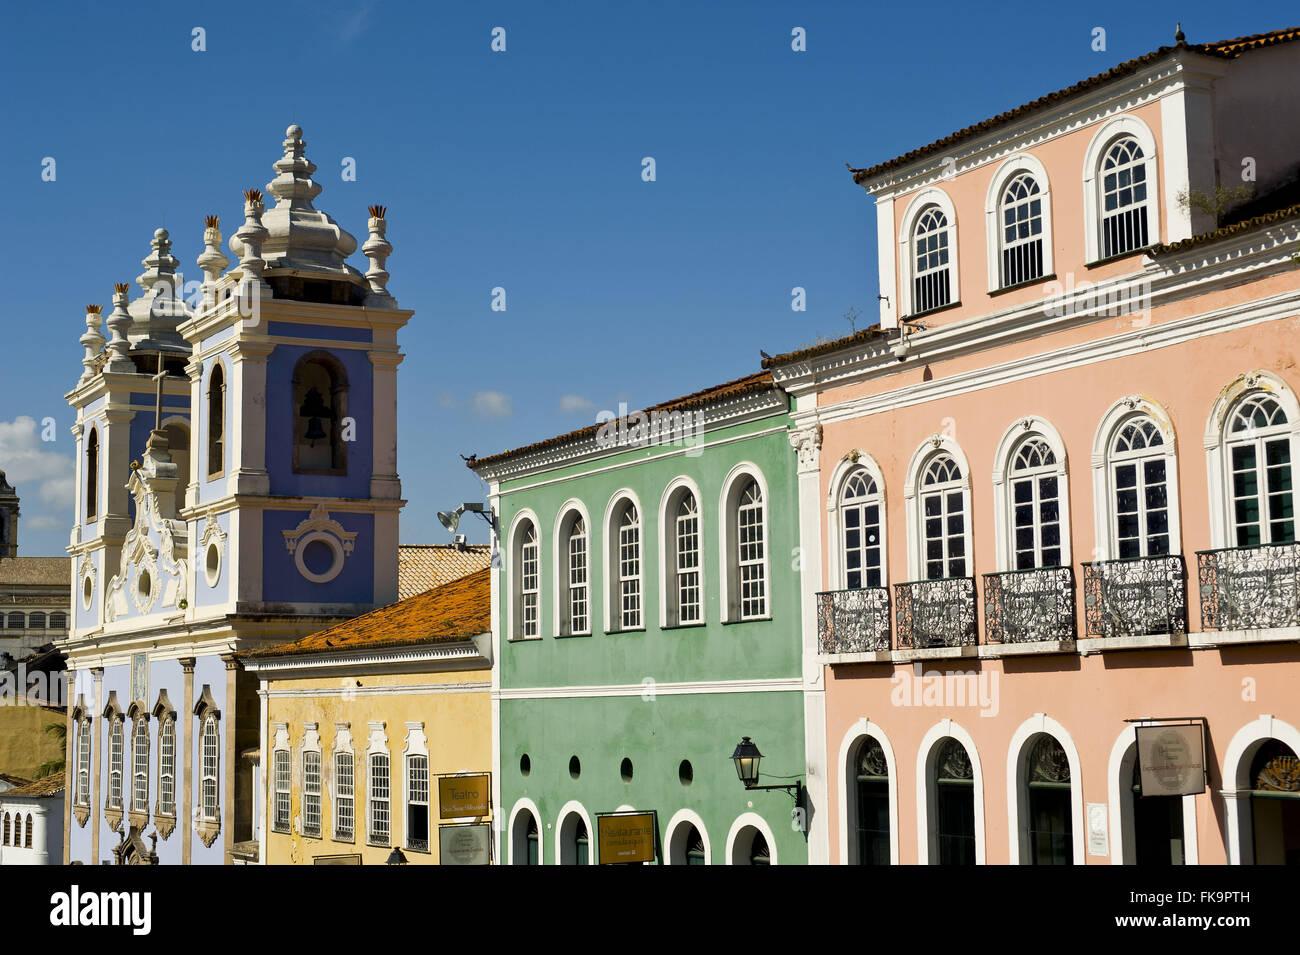 Las casas y la iglesia de Nuestra Señora del Rosario de los negros - construido en el siglo xviii Imagen De Stock